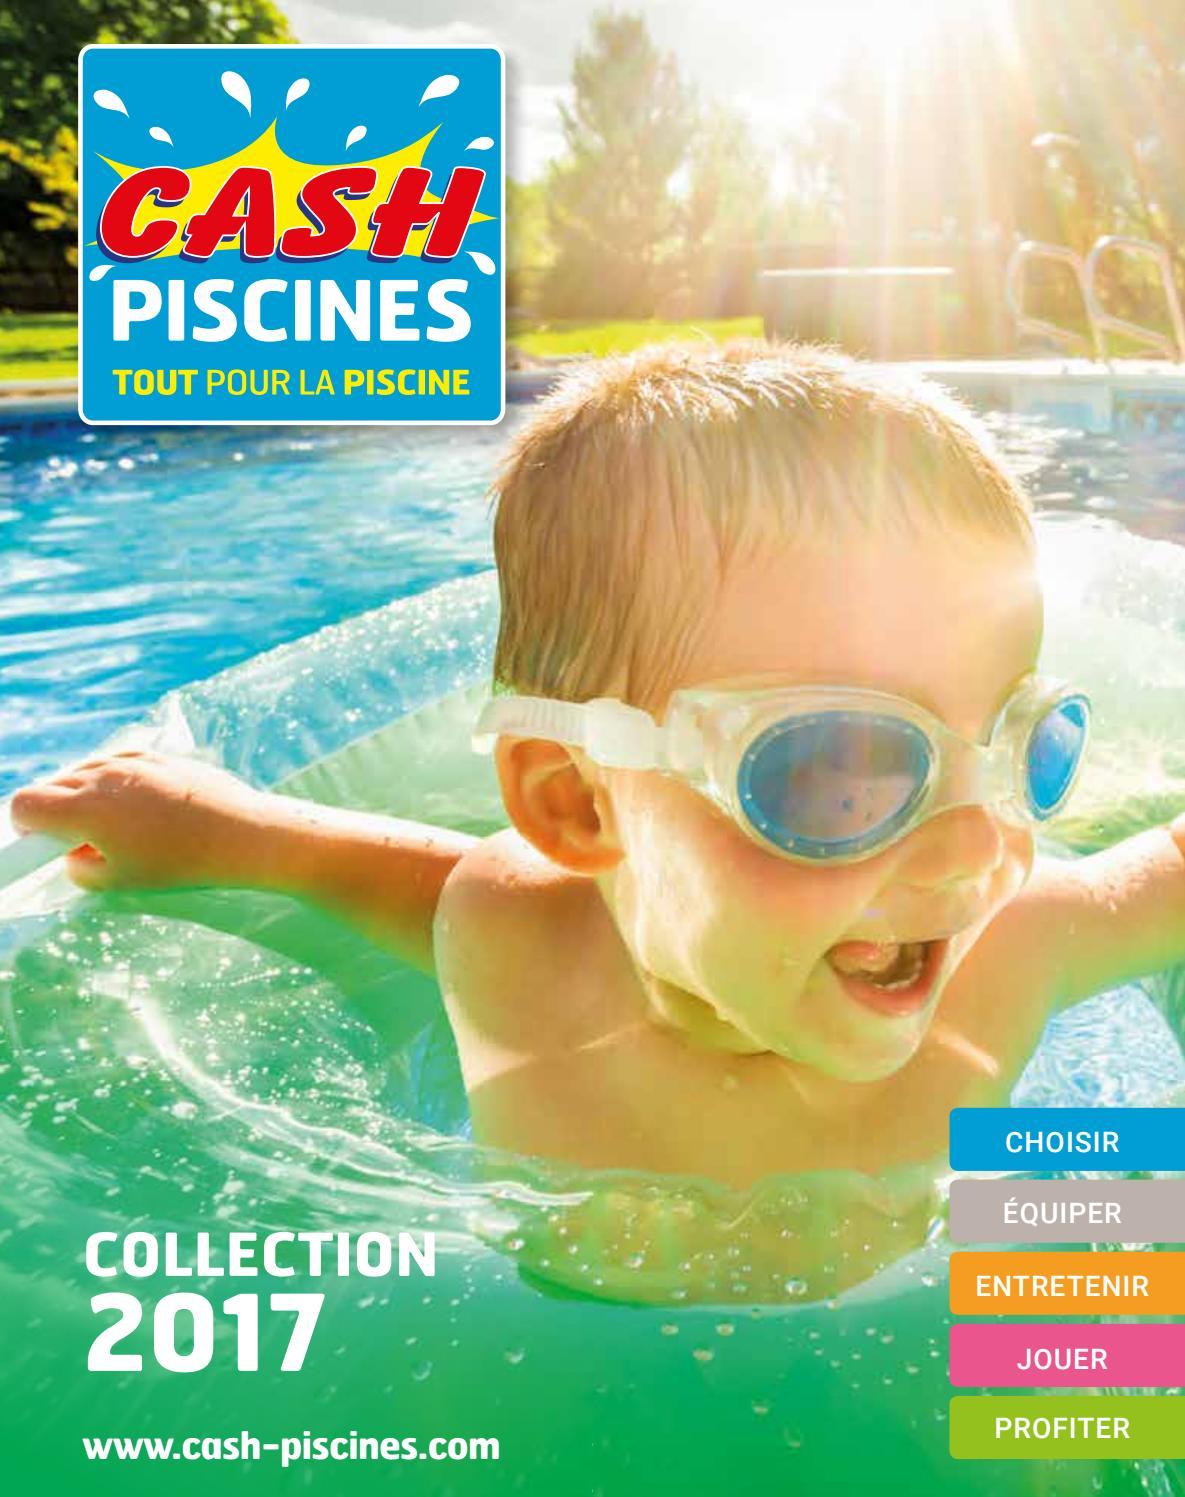 Catalogue Cash Piscine 2017 By Octave Octave - Issuu serapportantà Cash Piscine Toulon